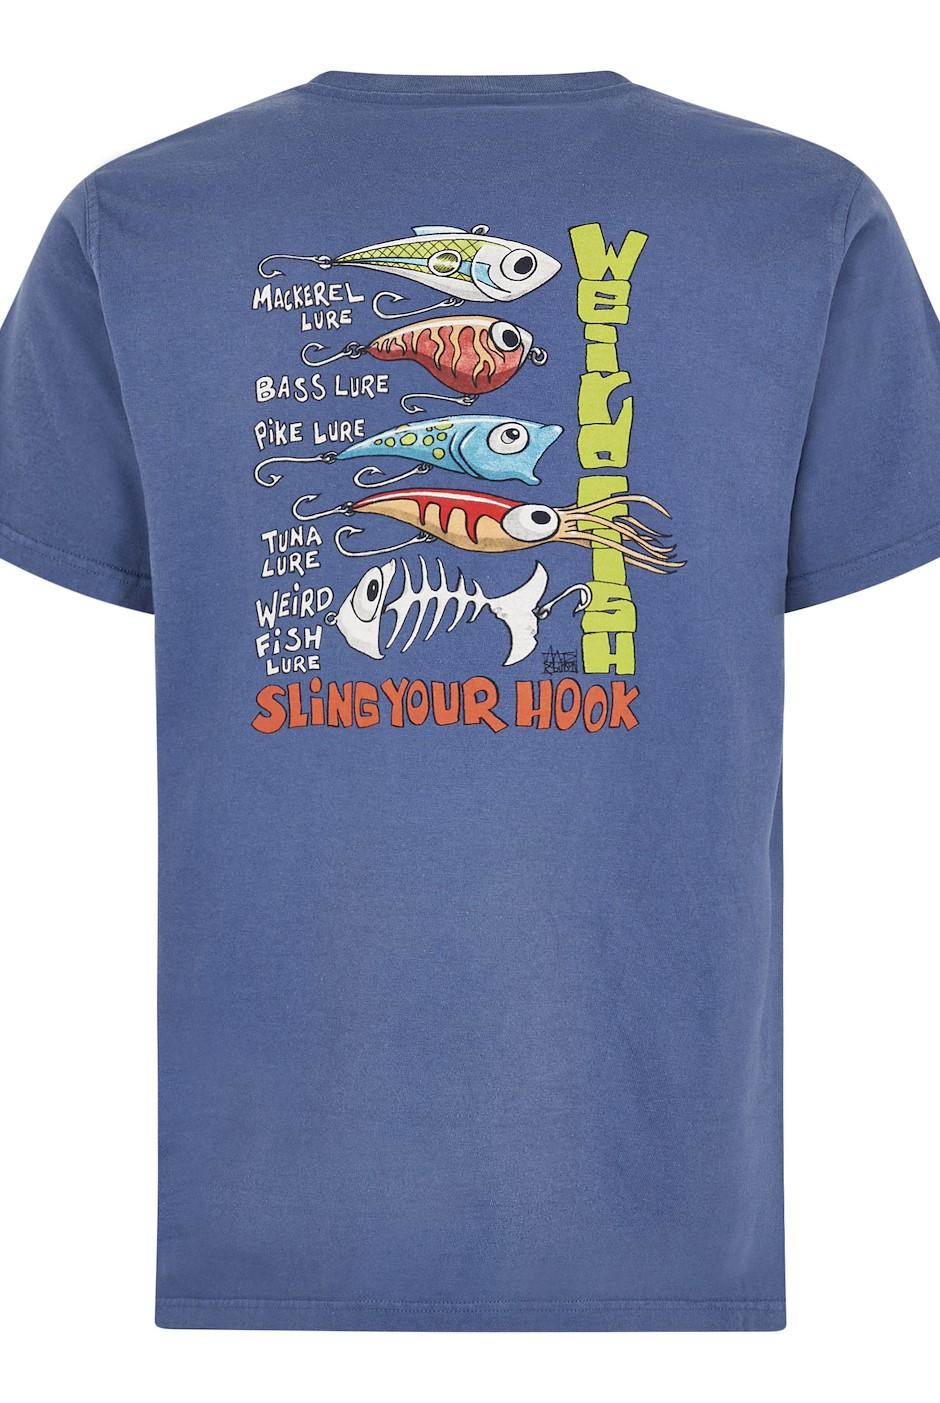 Sling Your Hook Artist T-Shirt Blue Indigo